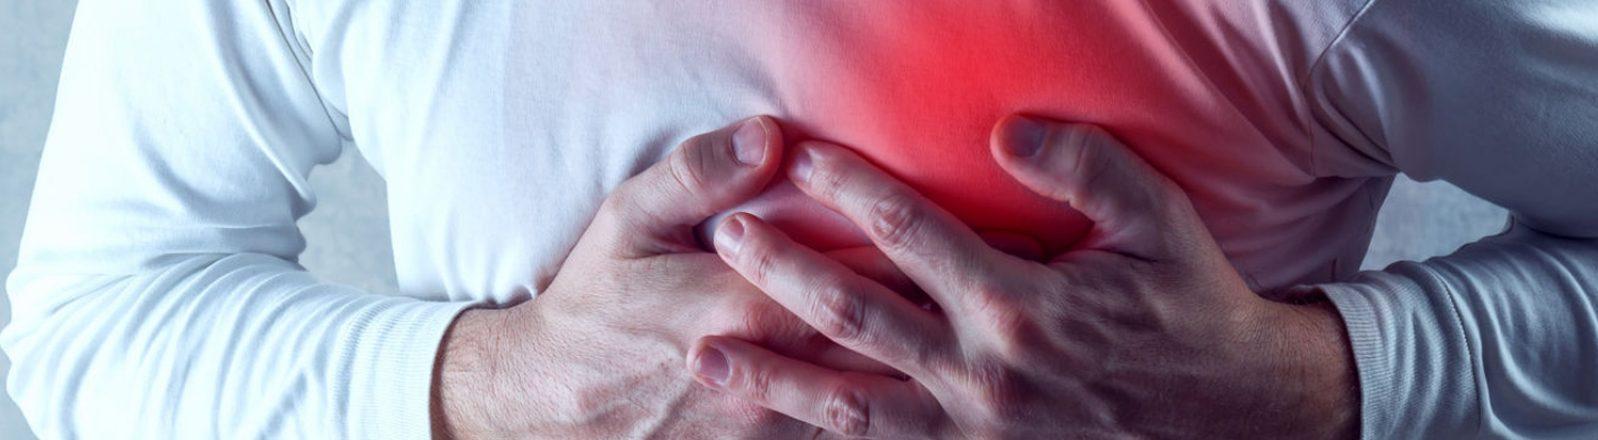 Societatea Română de Cardiologie: La fiecare 30 de minute un român suferă un infarct. Unul din 10 nu supraviețuiește